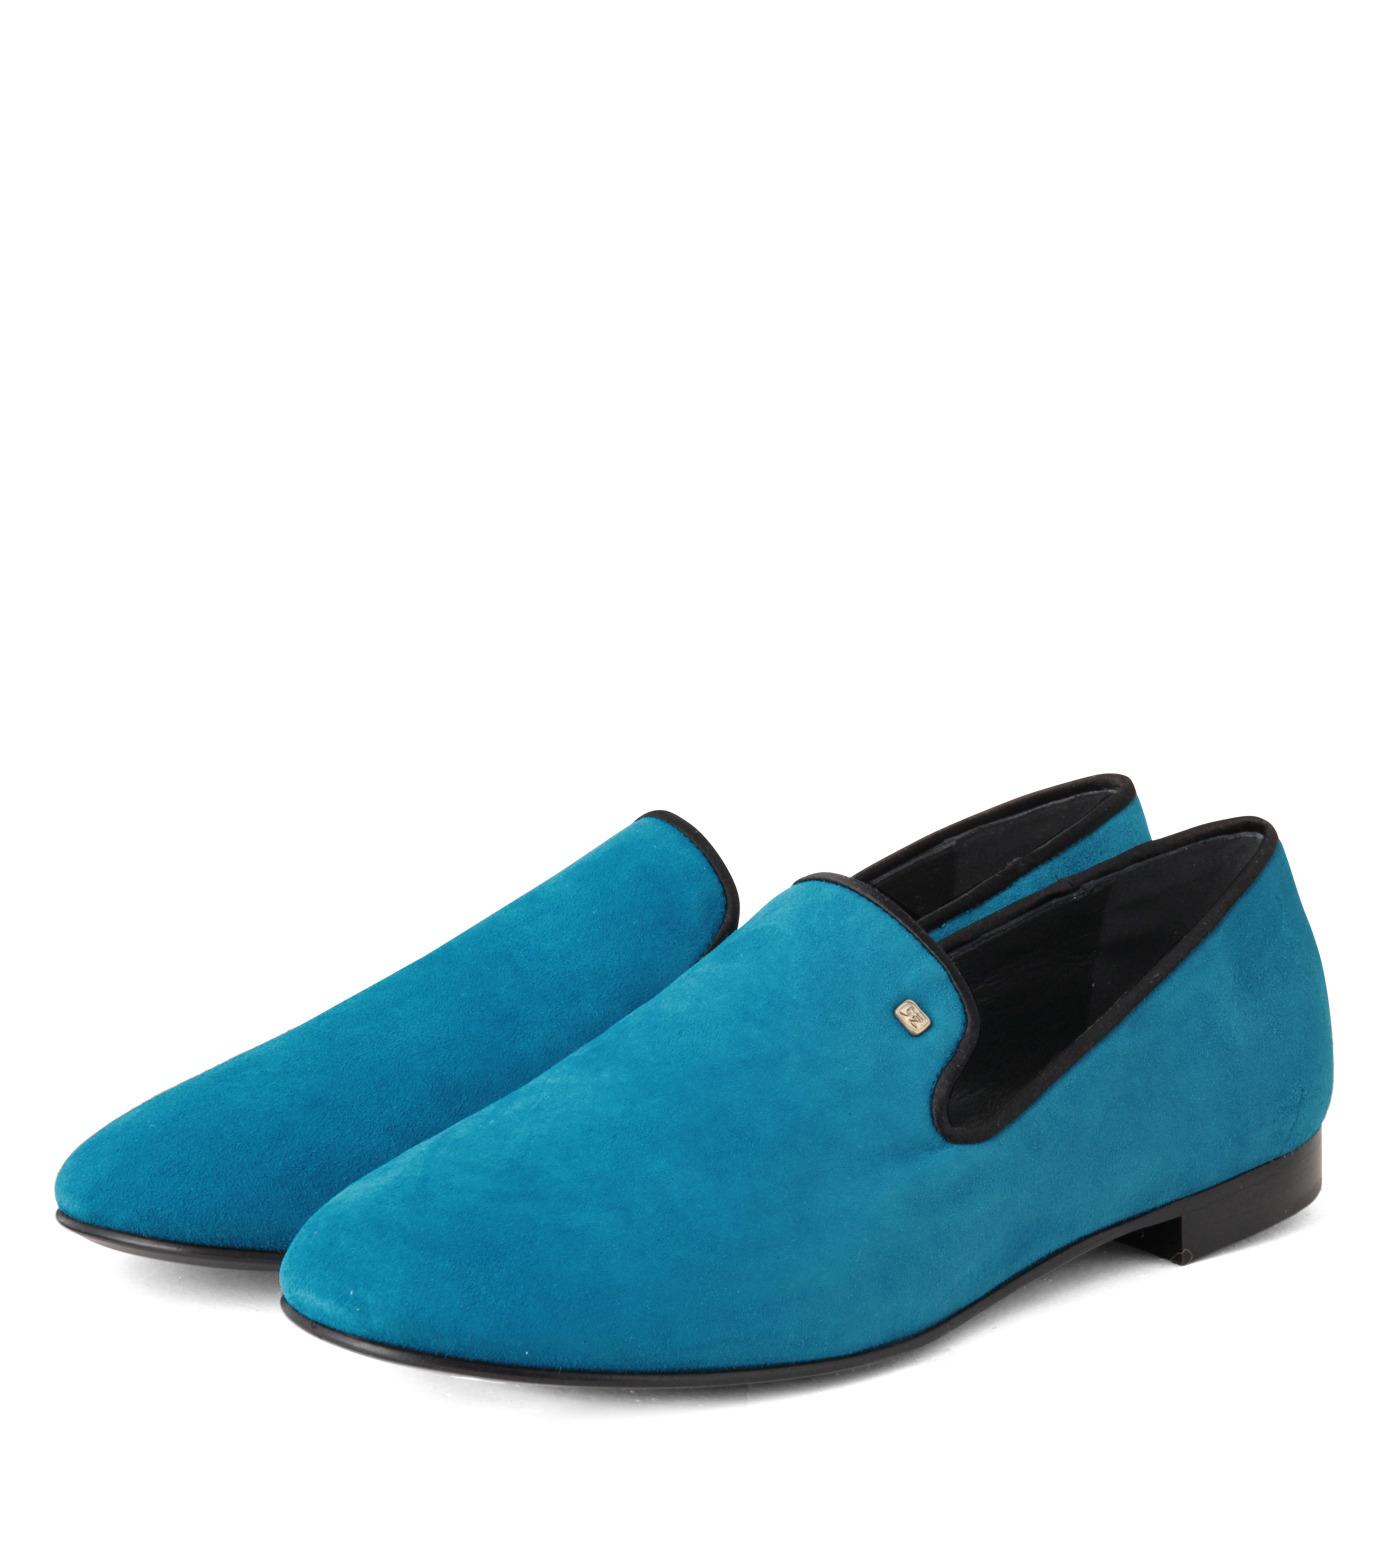 Giuseppe Zanotti Design(ジュゼッペザノッティ)のSuede Slipon-BLUE(シューズ/shoes)-EU4010-CA5-92 拡大詳細画像4